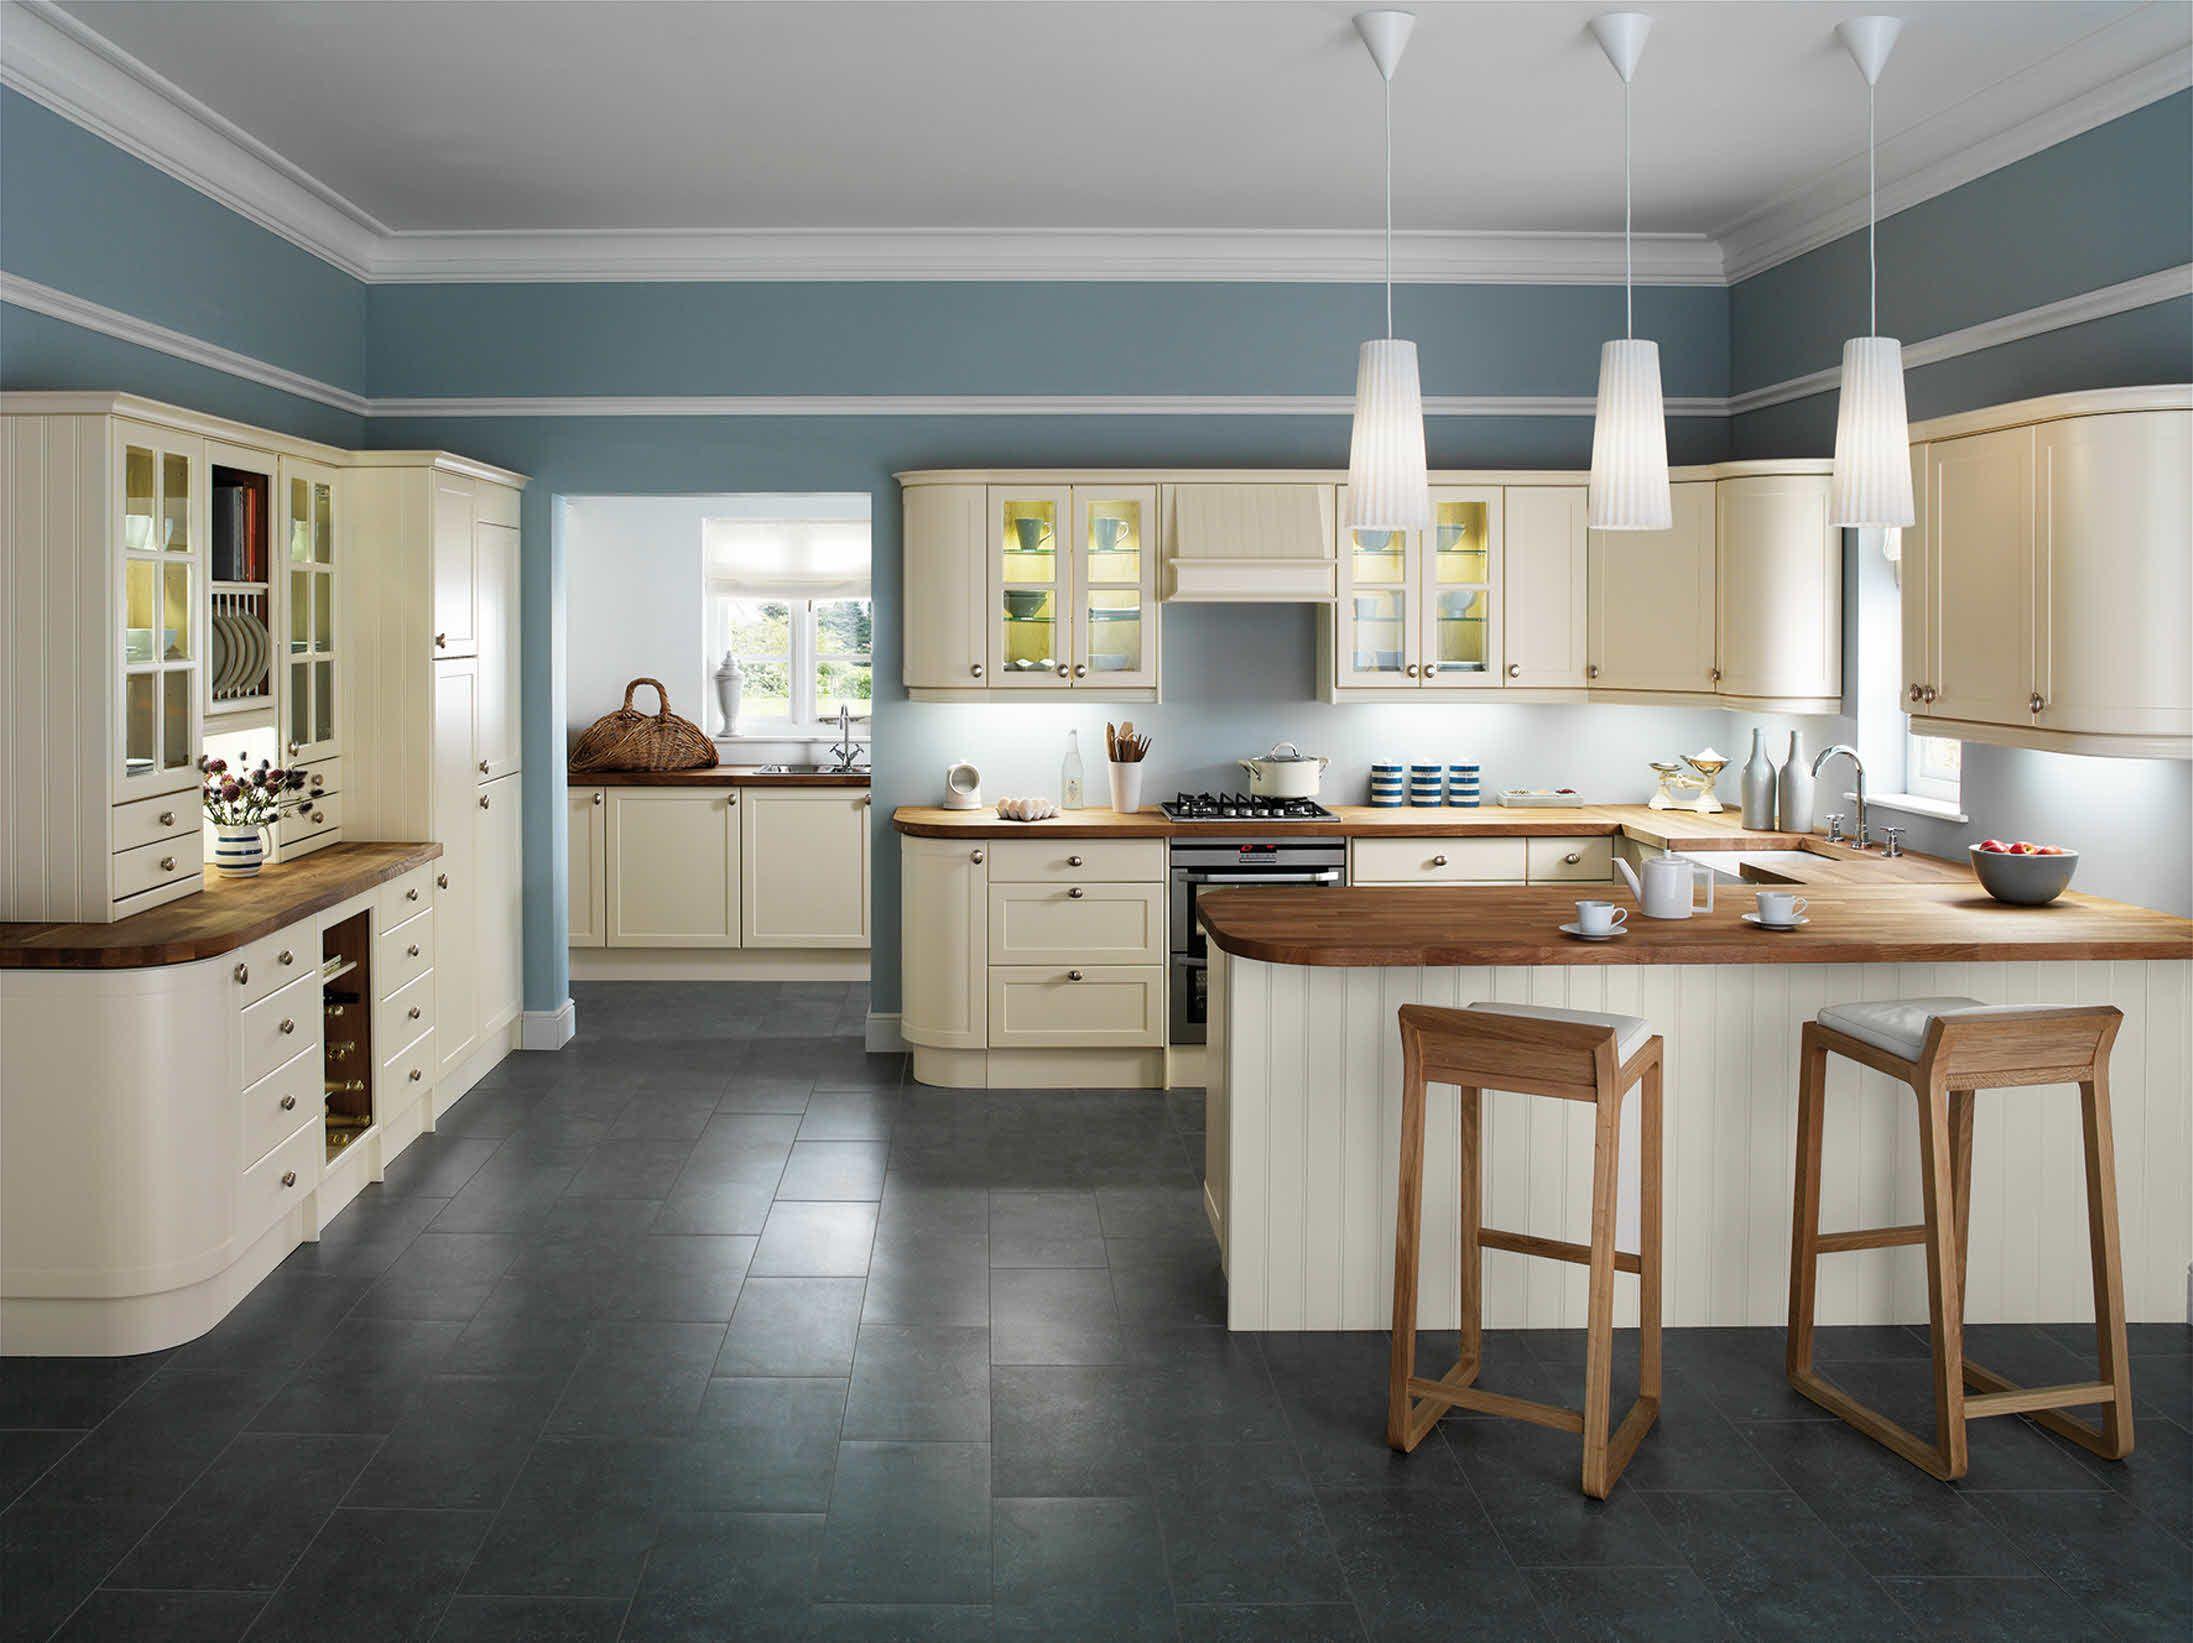 Gemütlich Creme Shaker Stil Küchen Uk Fotos - Ideen Für Die Küche ...